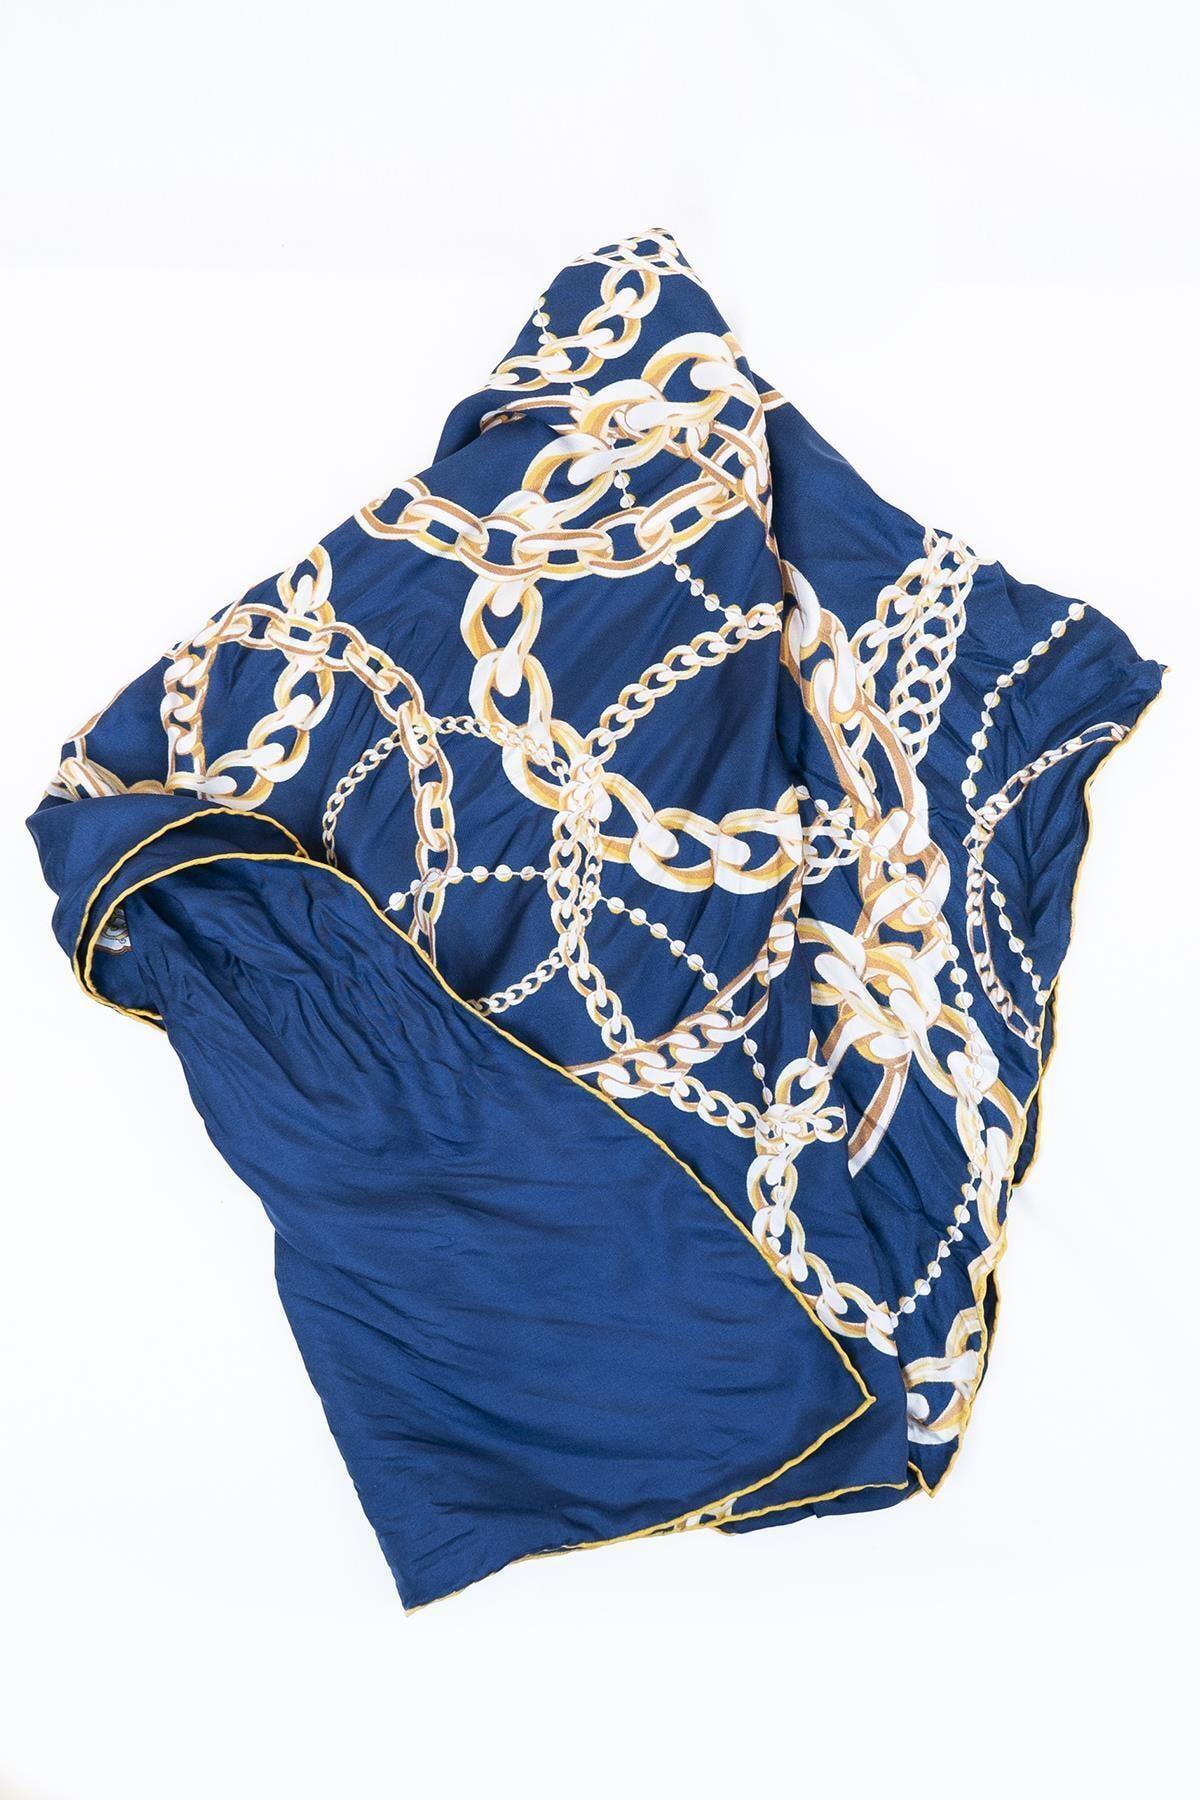 GİZİA Kadın Mavi Desenli Eşarp 8v006 2